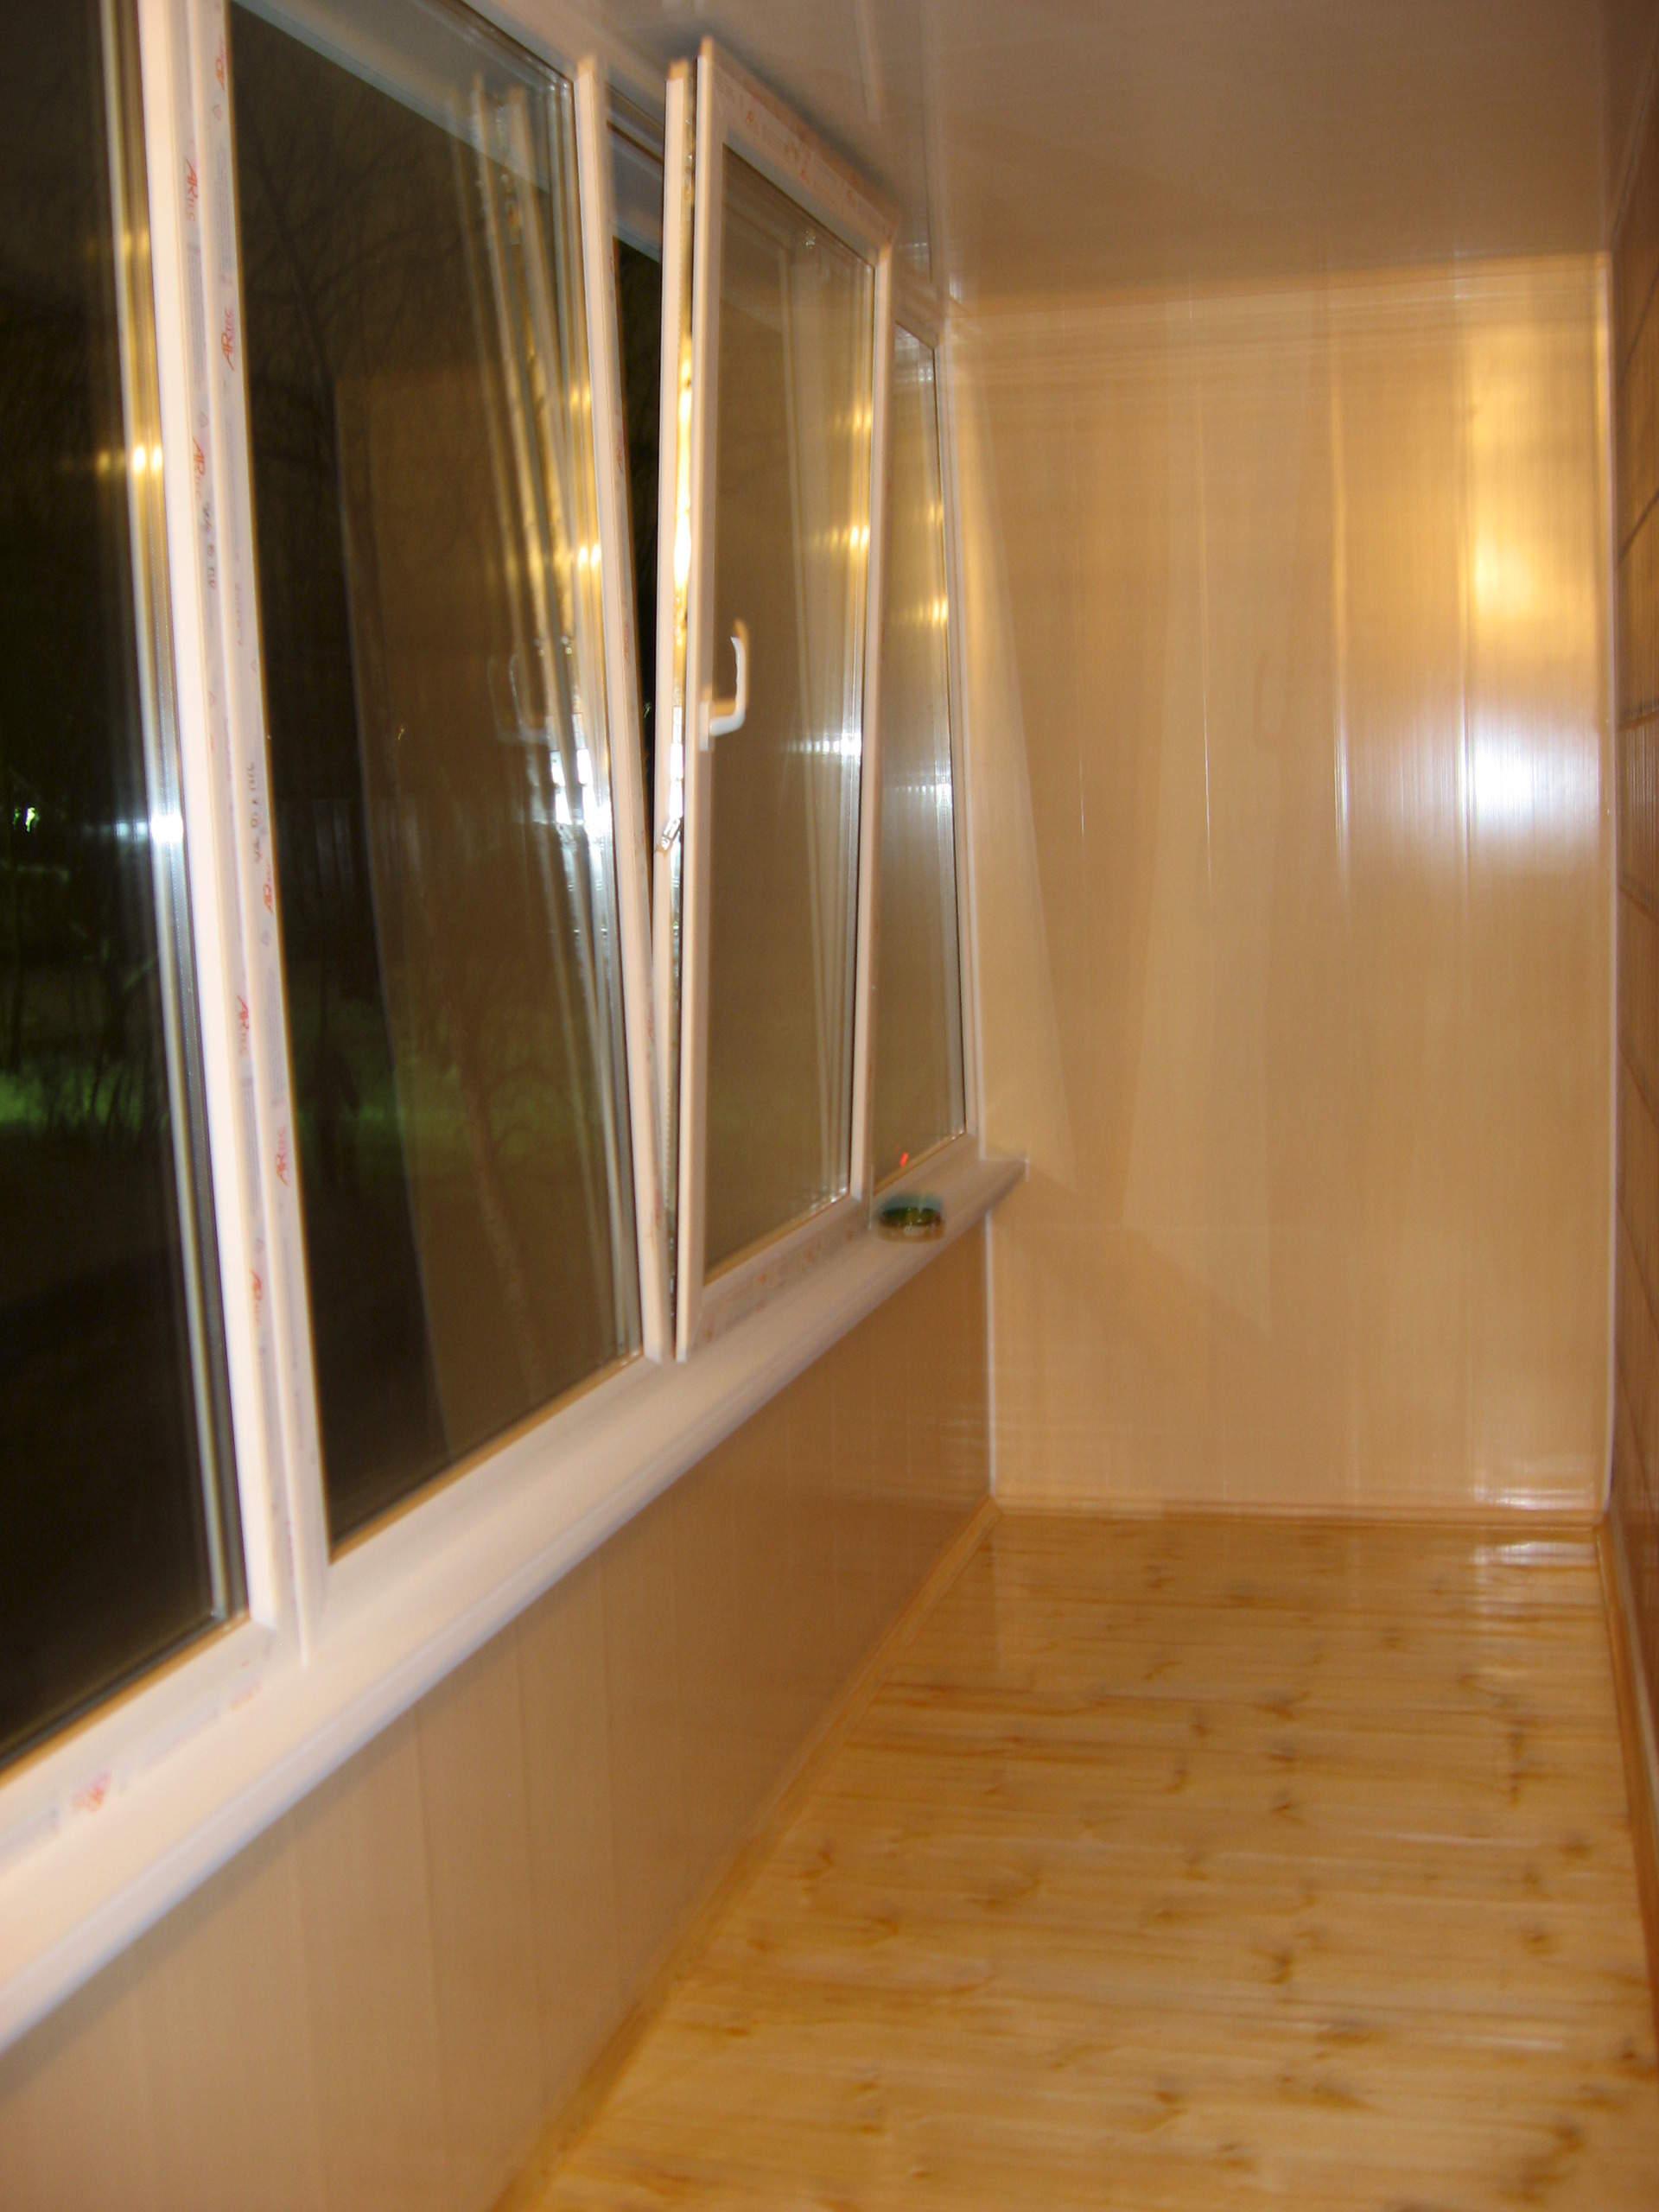 Ремонт под ключ пластиковые окна, балконы, лоджии под ключ. .